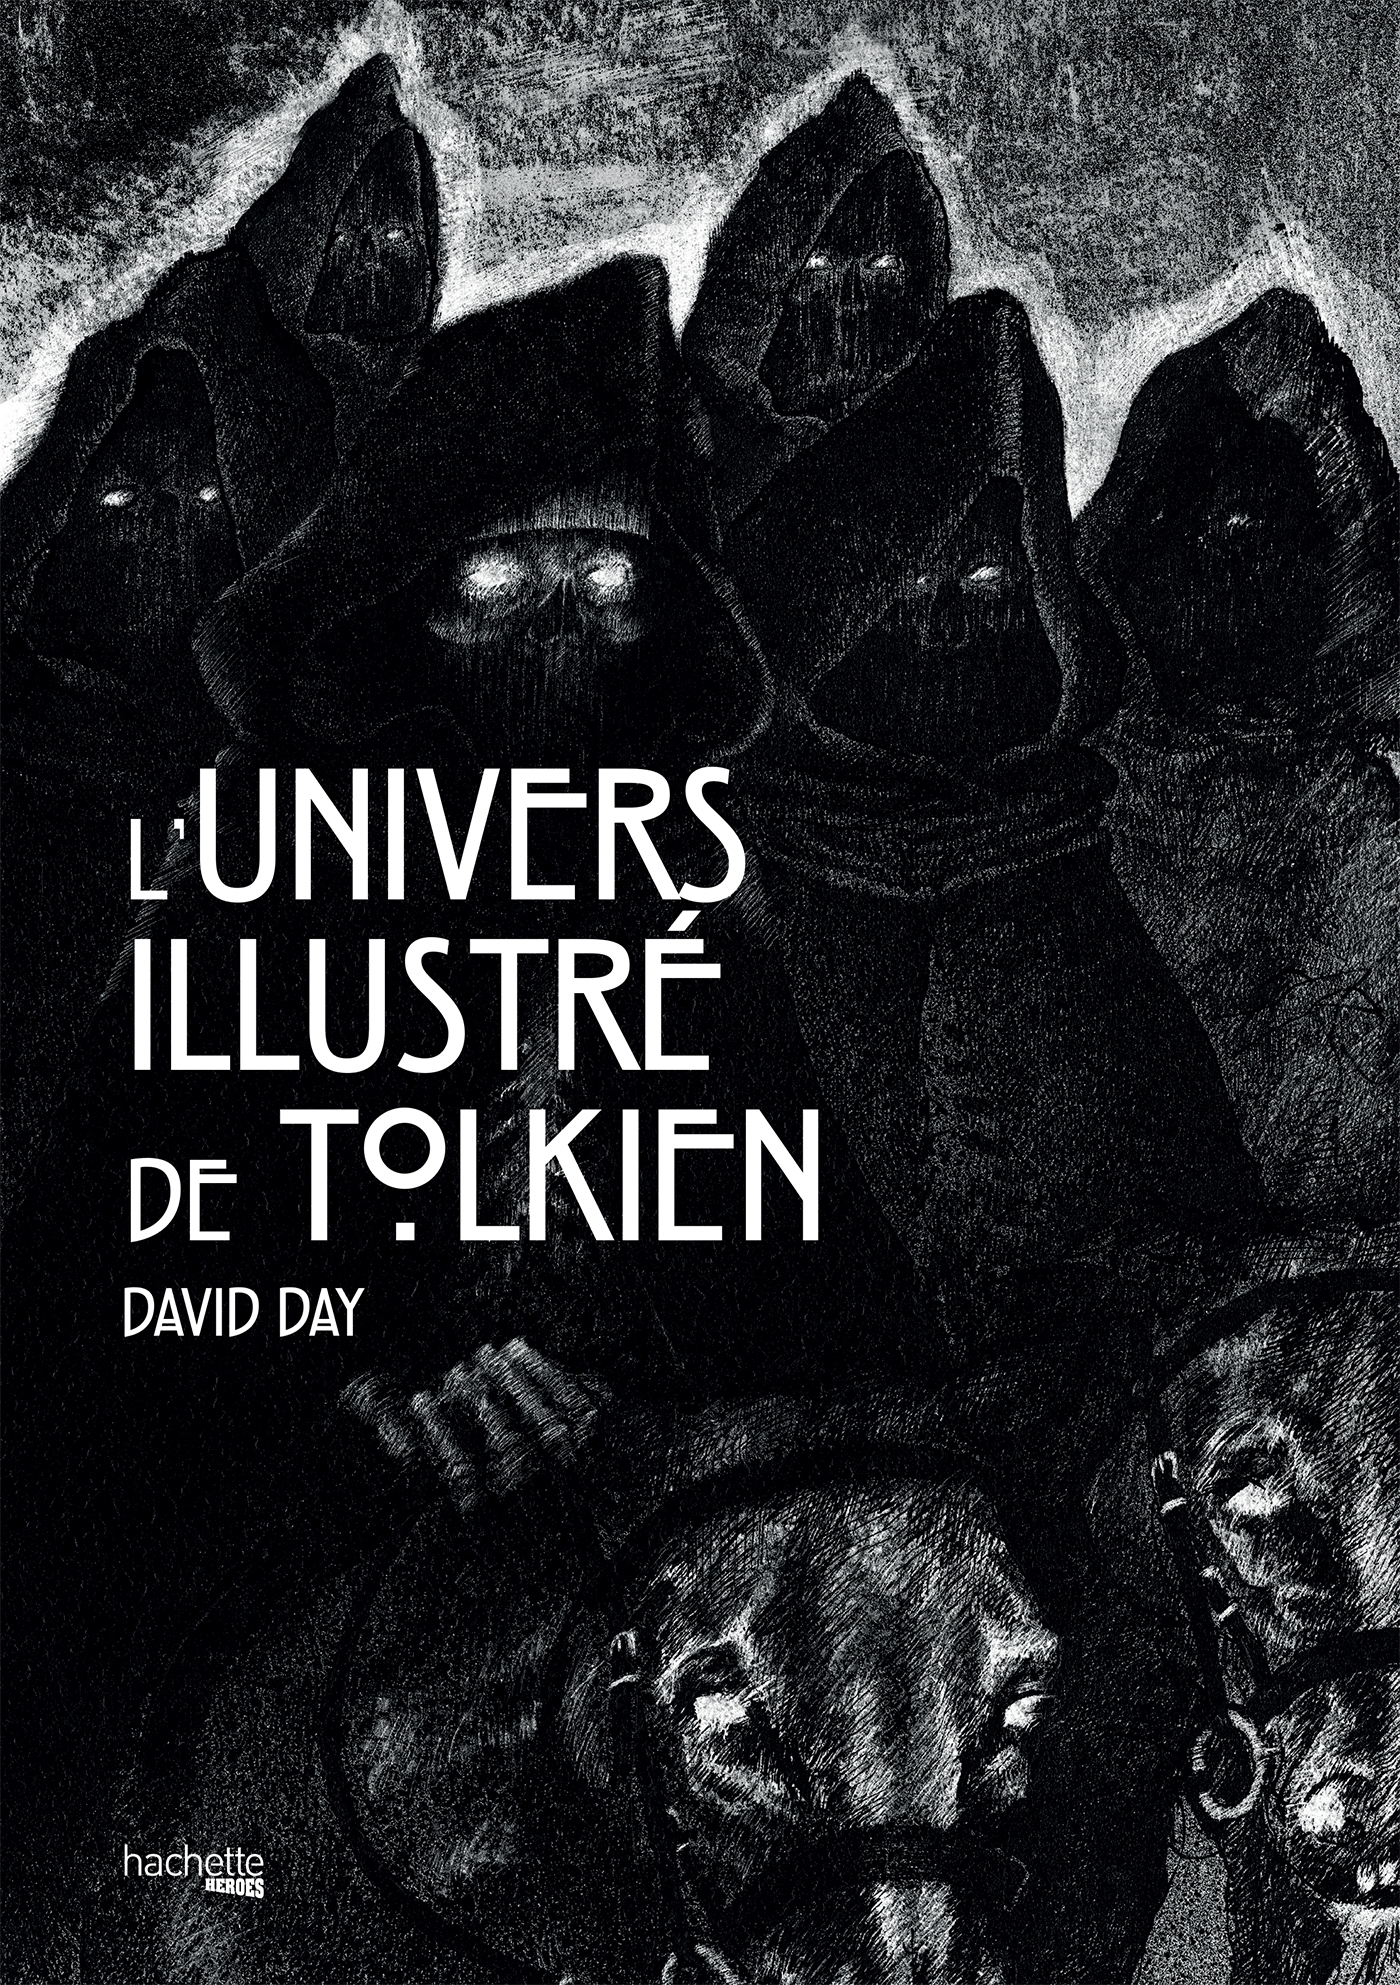 L'UNIVERS ILLUSTRE DE TOLKIEN